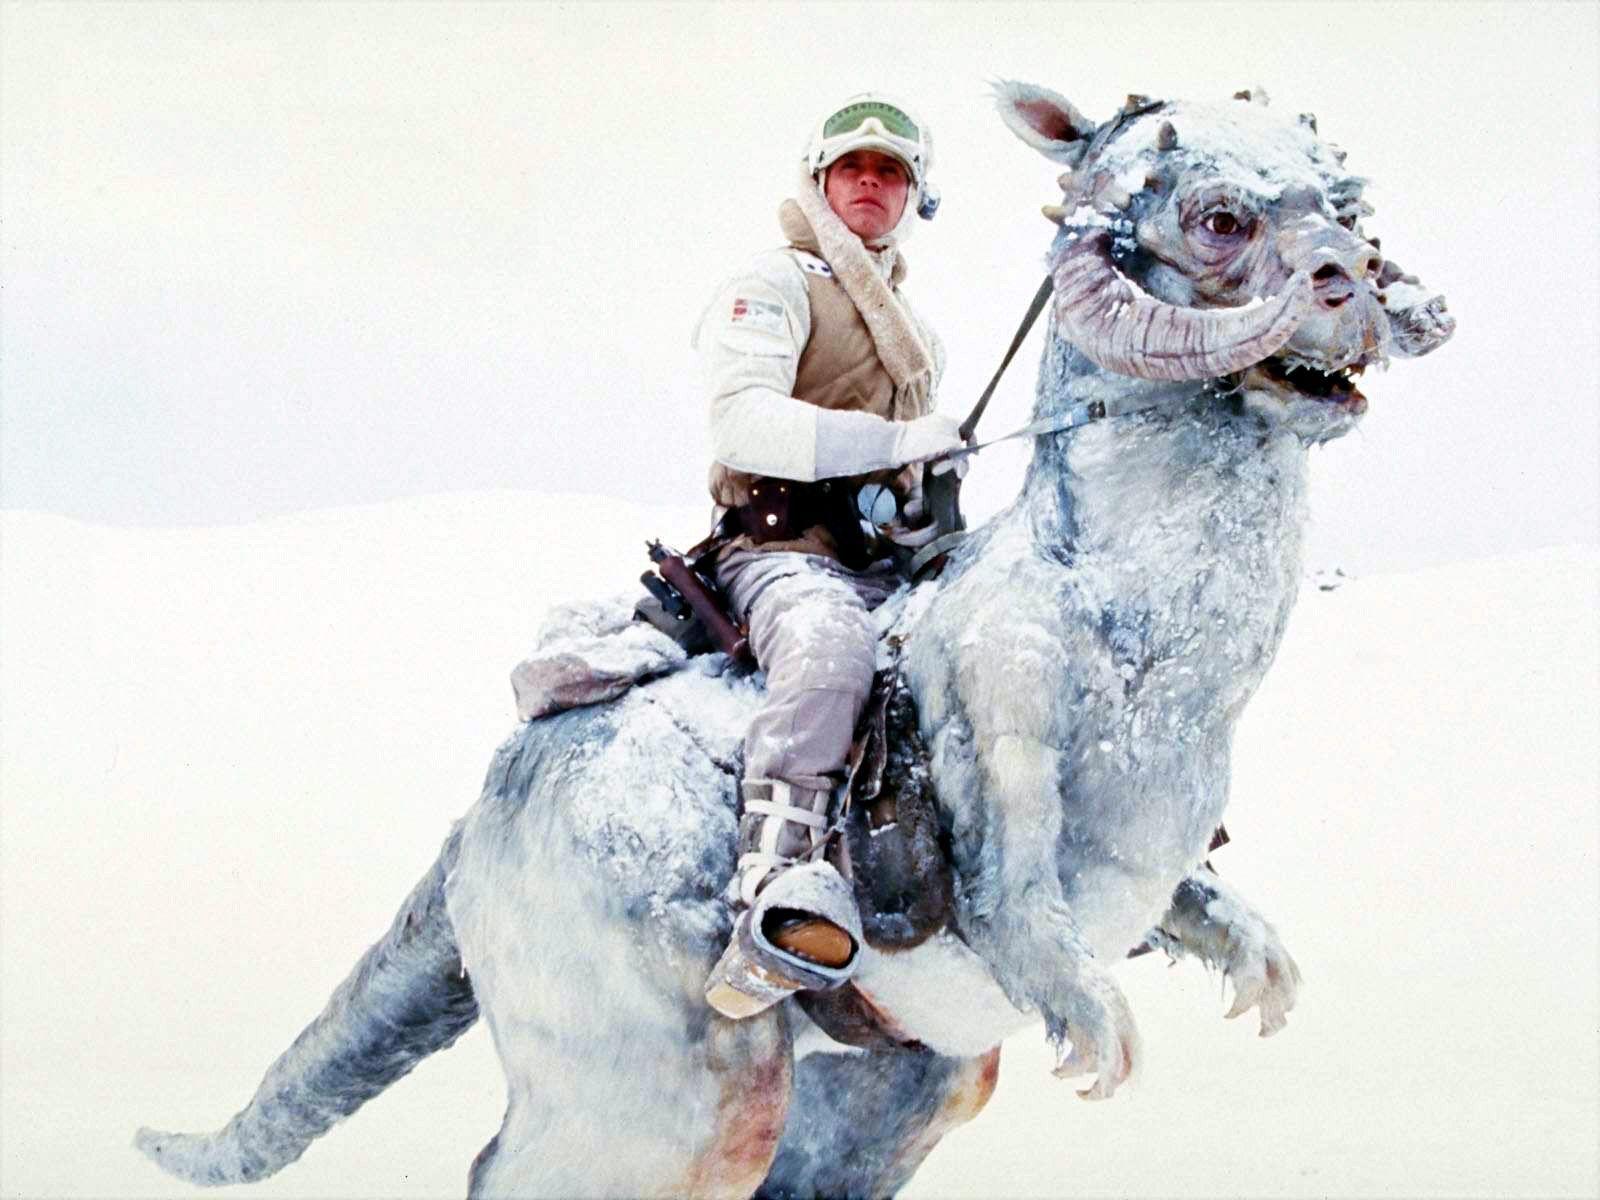 Pasemos del desierto cálido al helado. ¿Sabrías decirme el nombre de este emblemático animal?